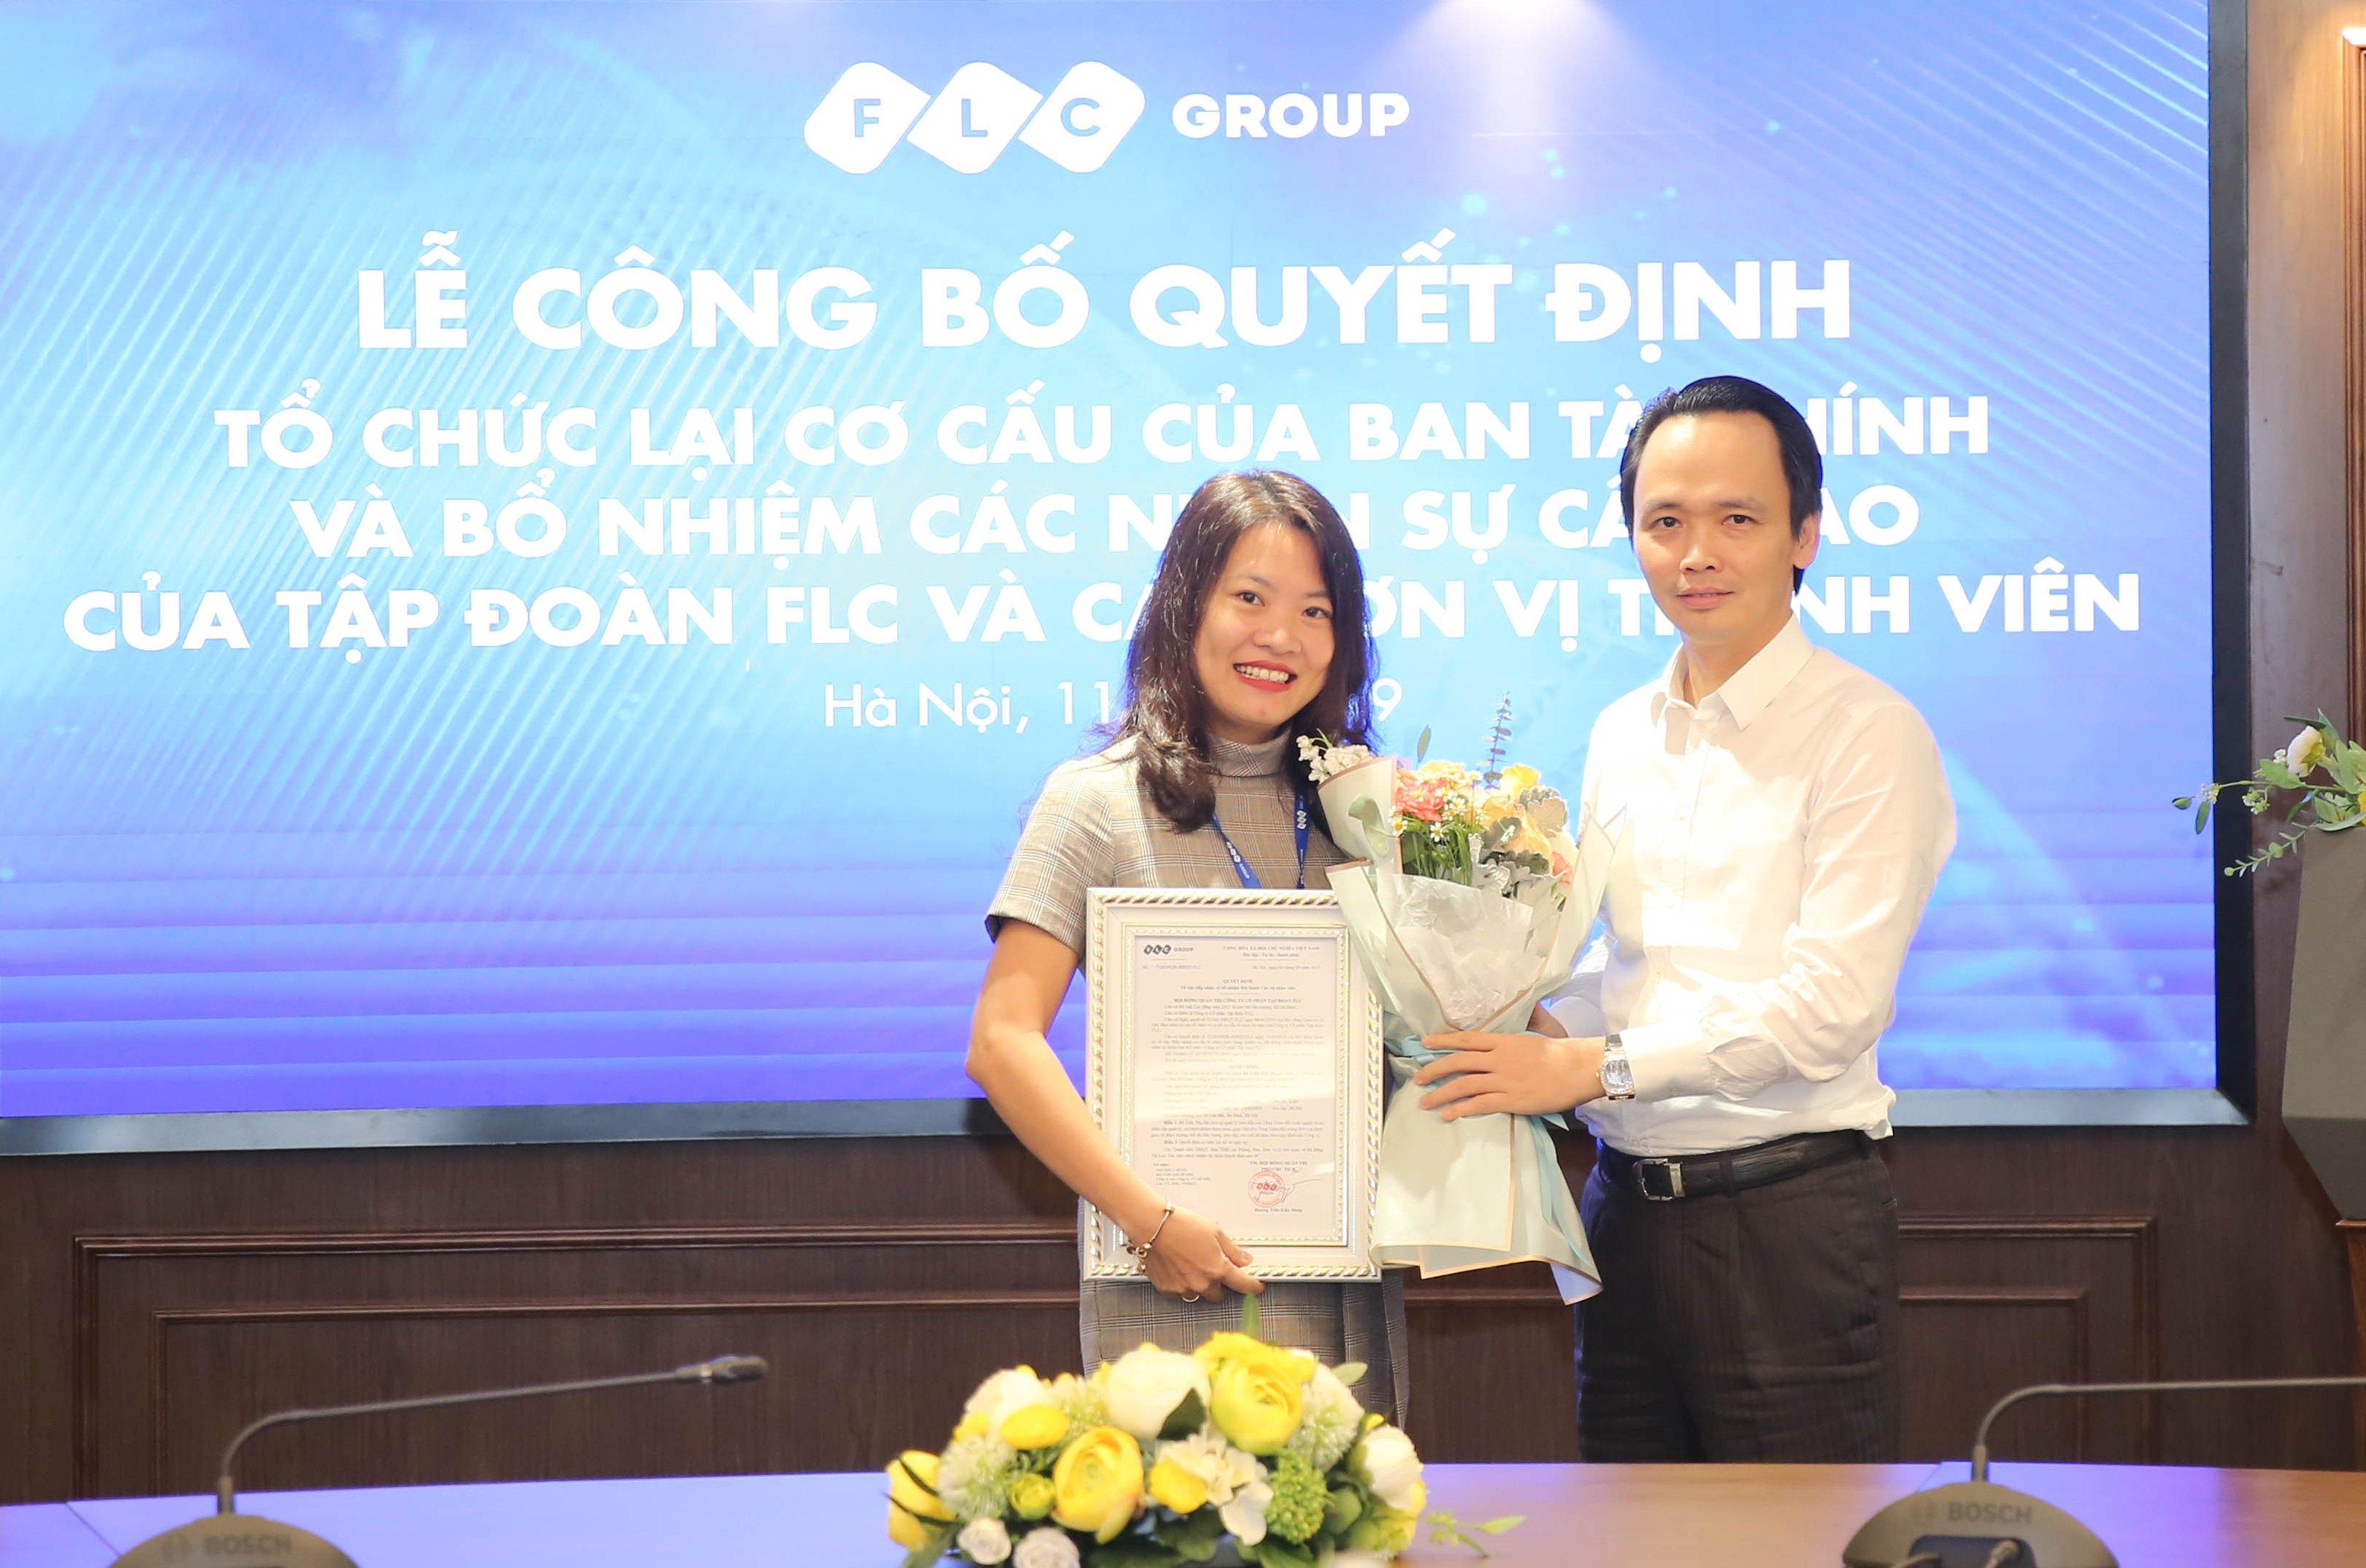 Nhiều nhân sự tài chính, kiểm toán nổi bật tại Việt Nam gia nhập FLC - ảnh 1